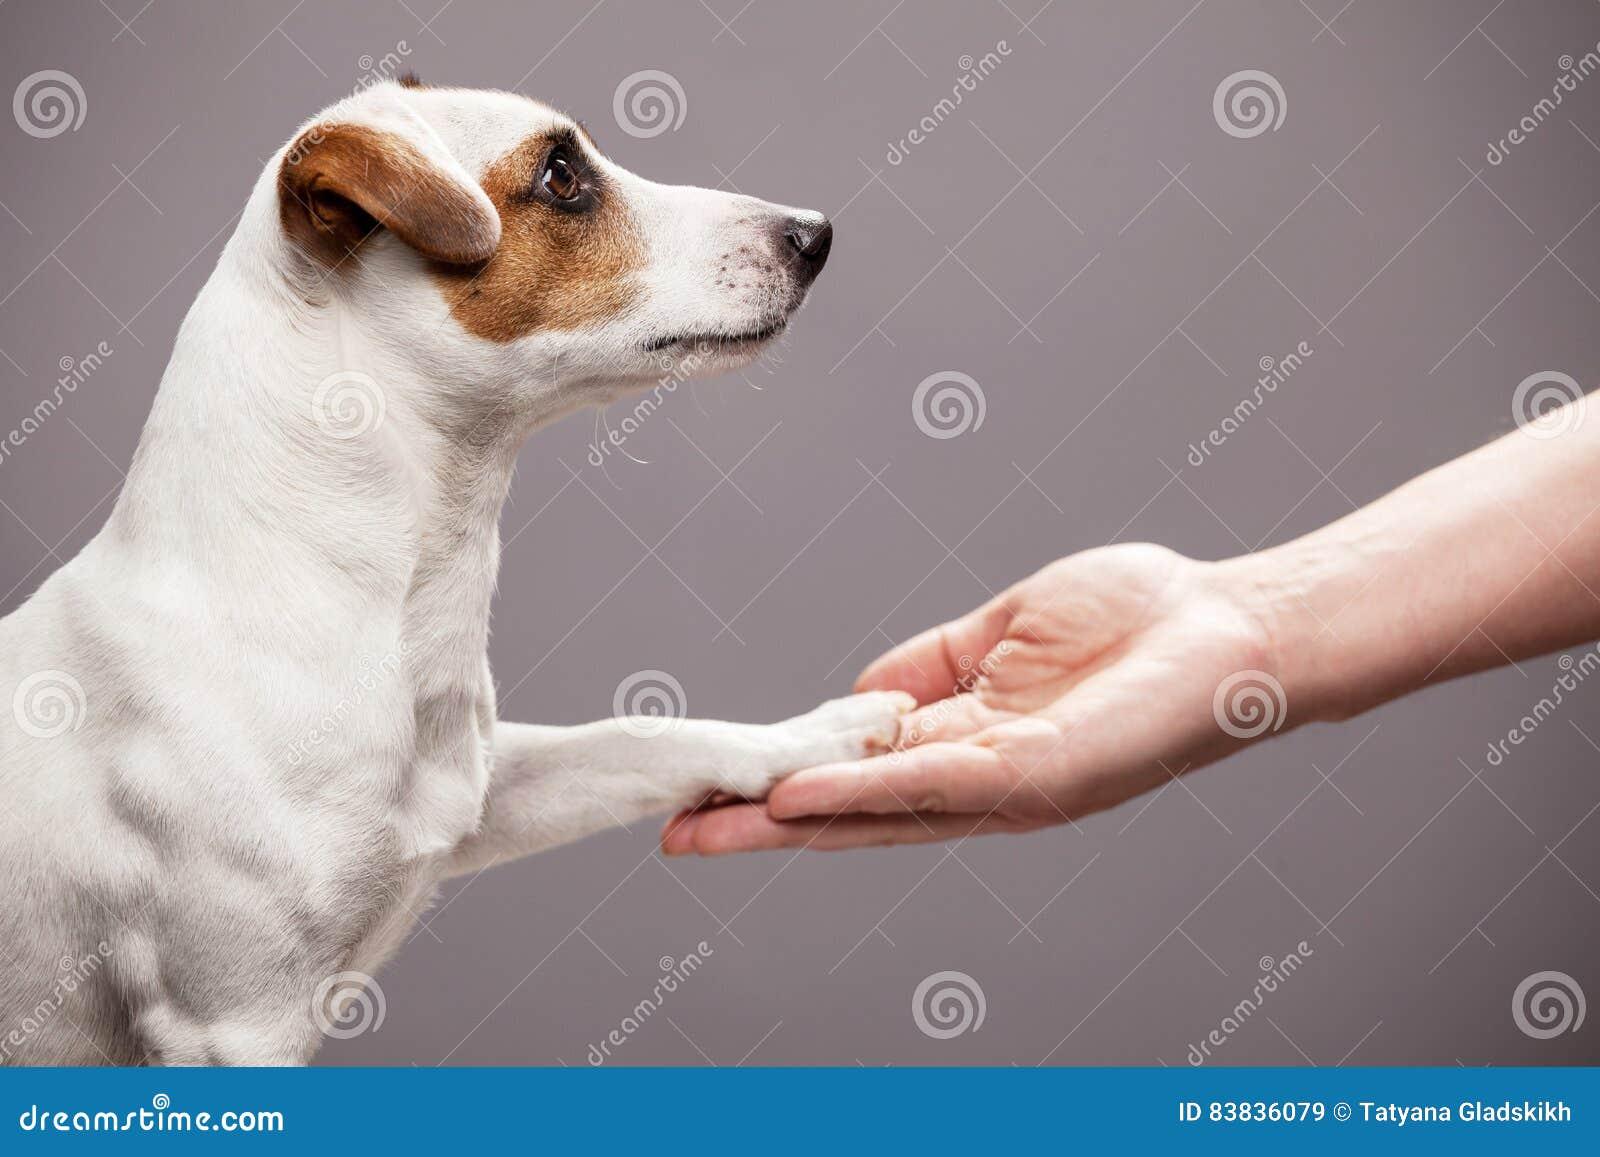 Лапка собаки принимает человека